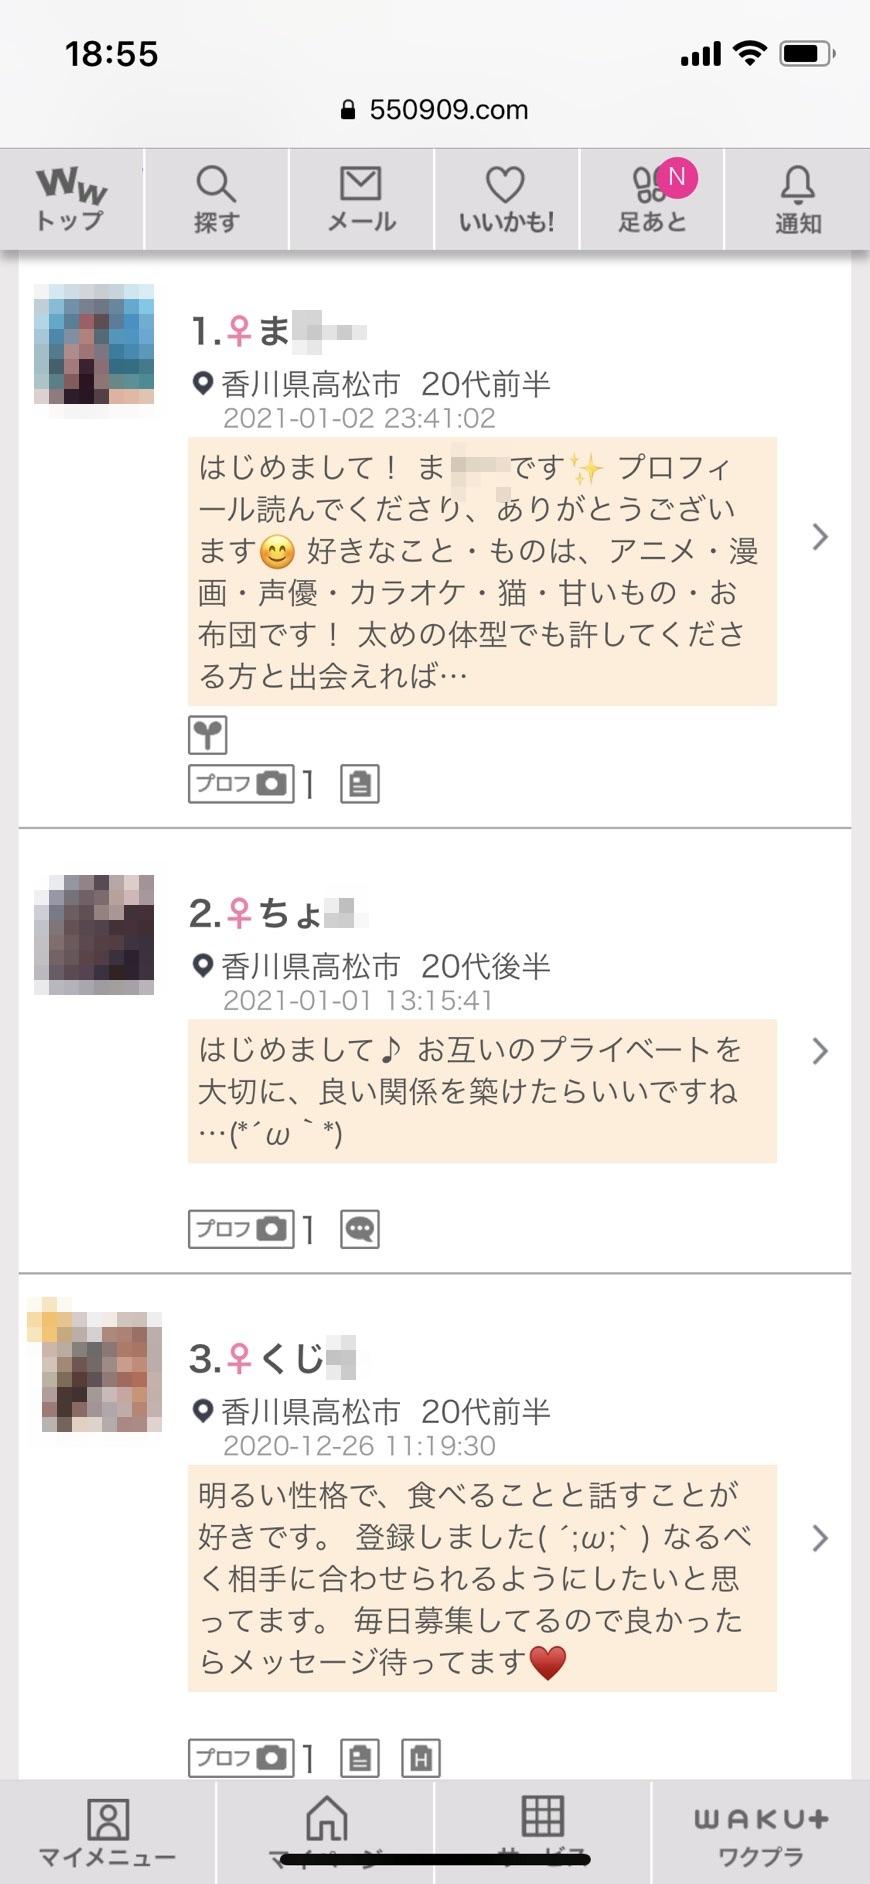 香川県民――抜け目のない「へらこい」気質は、典型的日本人の姿そのもの